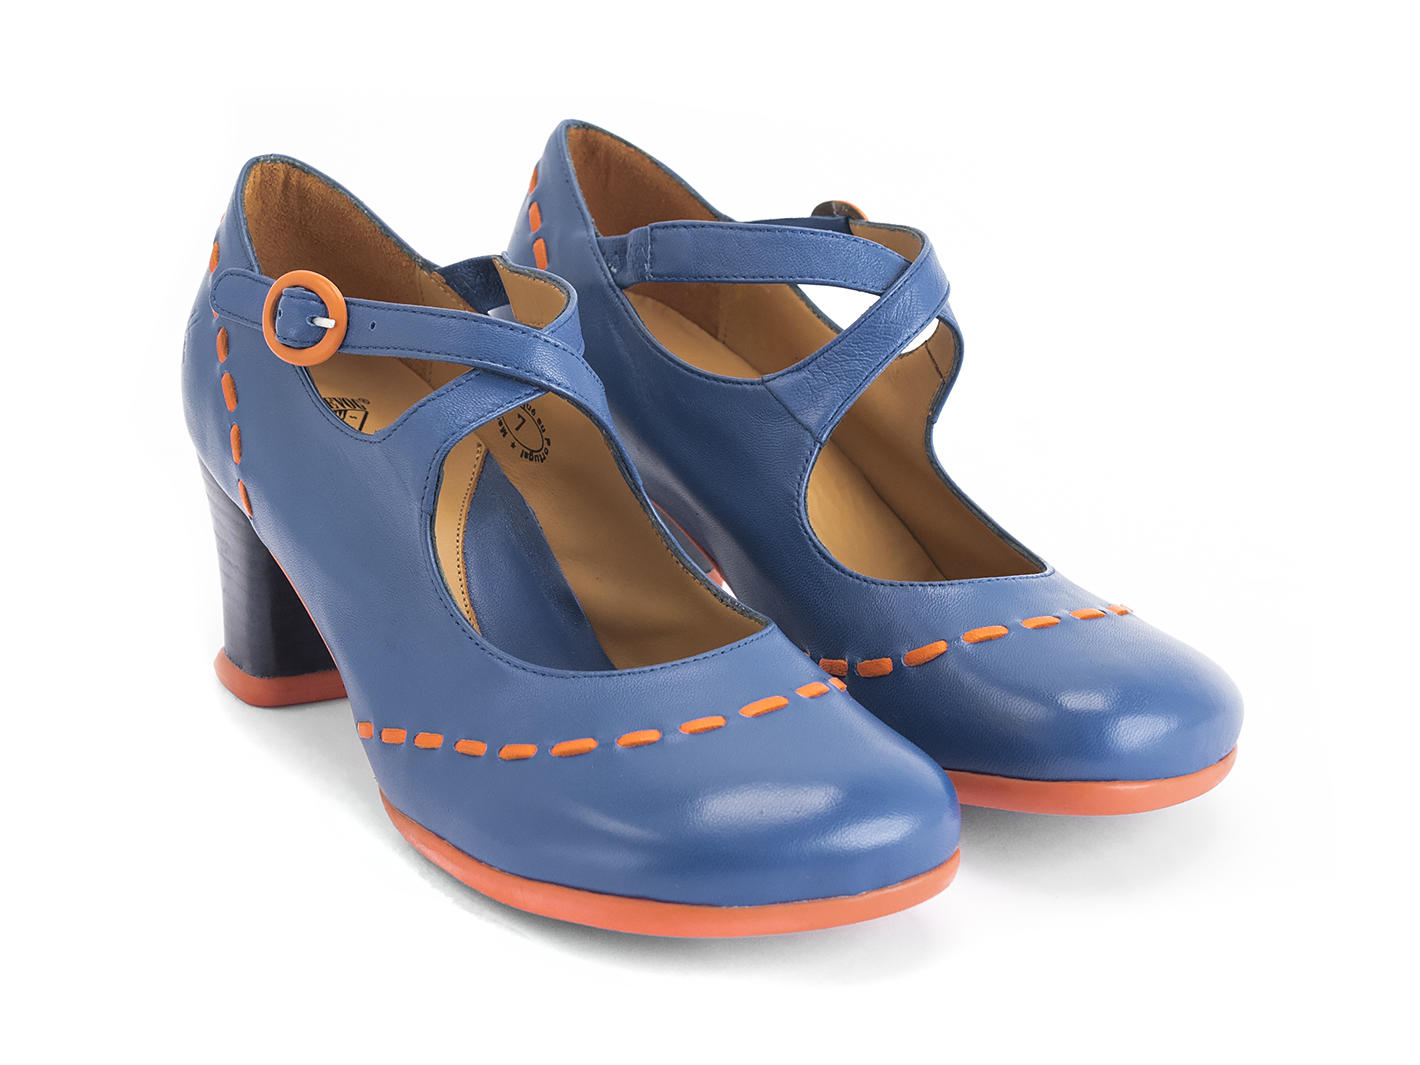 80ec8a758f4058 Fluevog Shoes